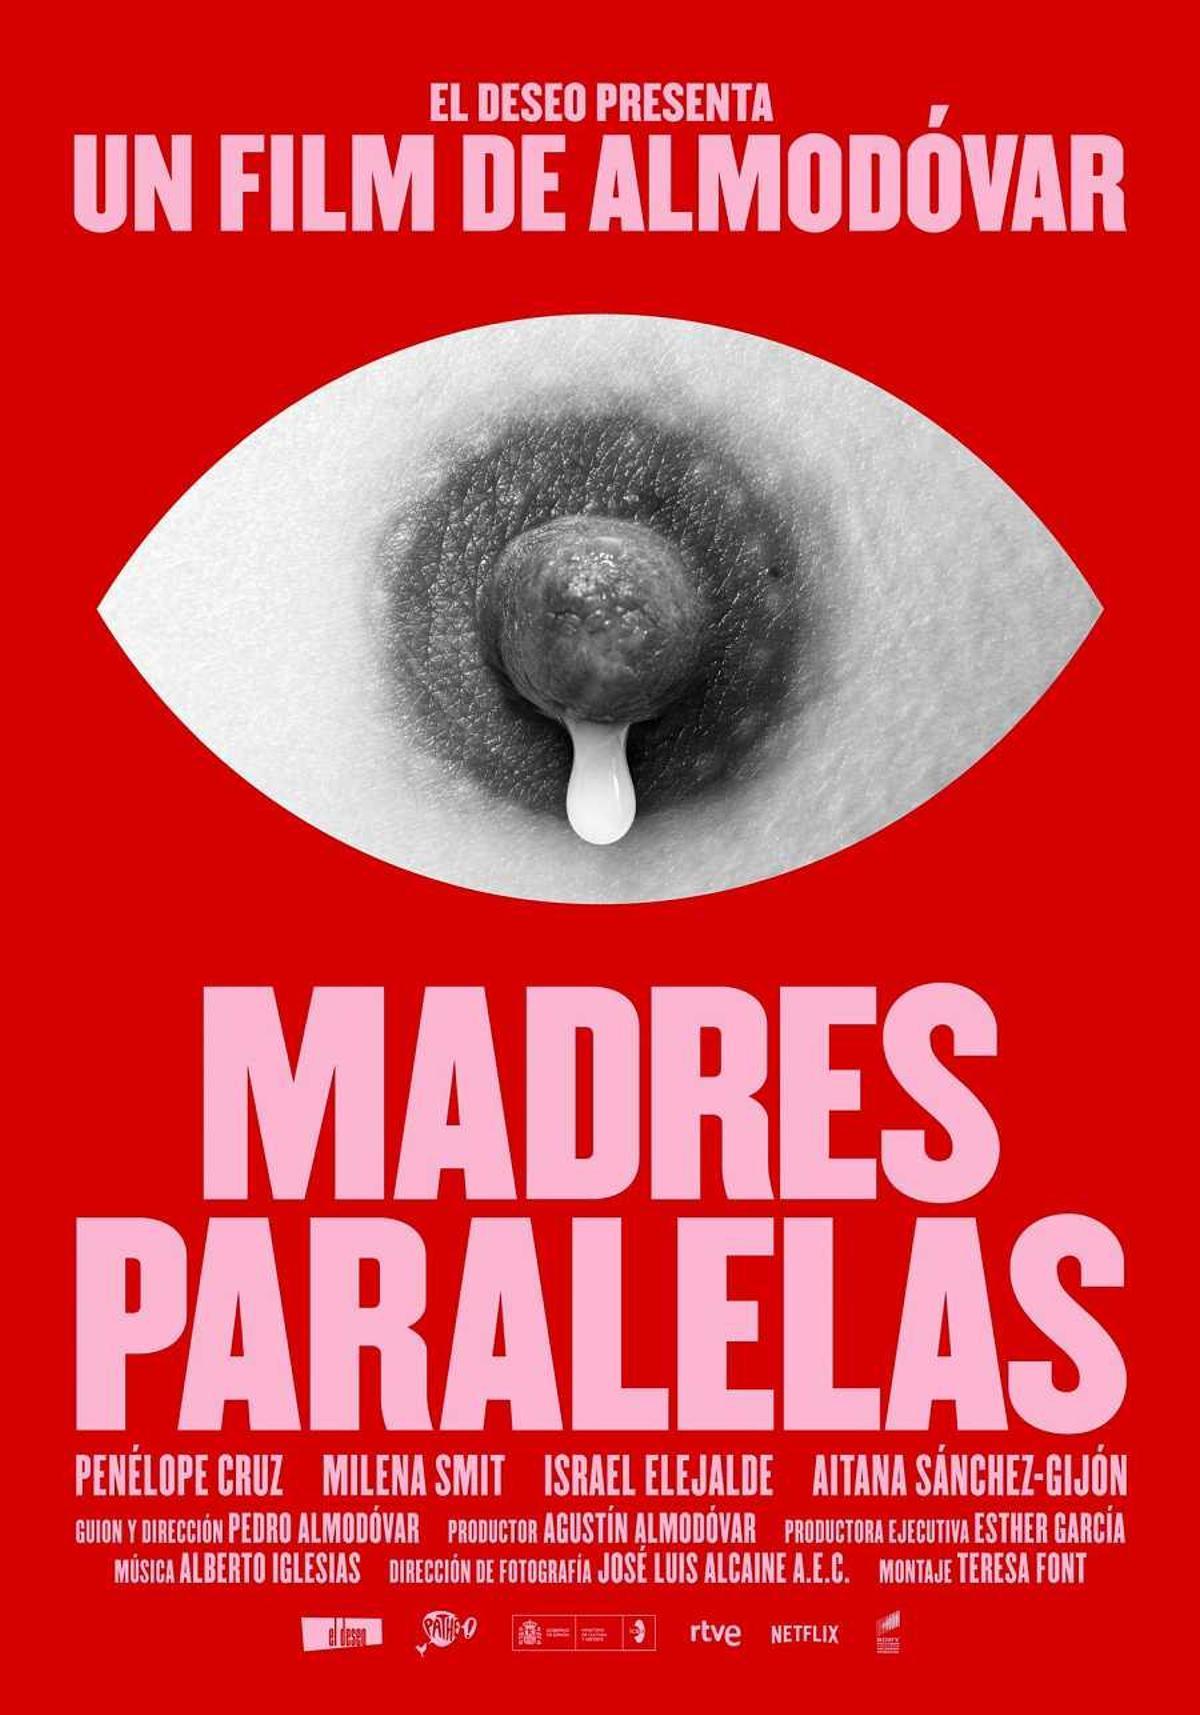 Almodóvar publica con polémica el cartel de 'Madres paralelas', su nueva película